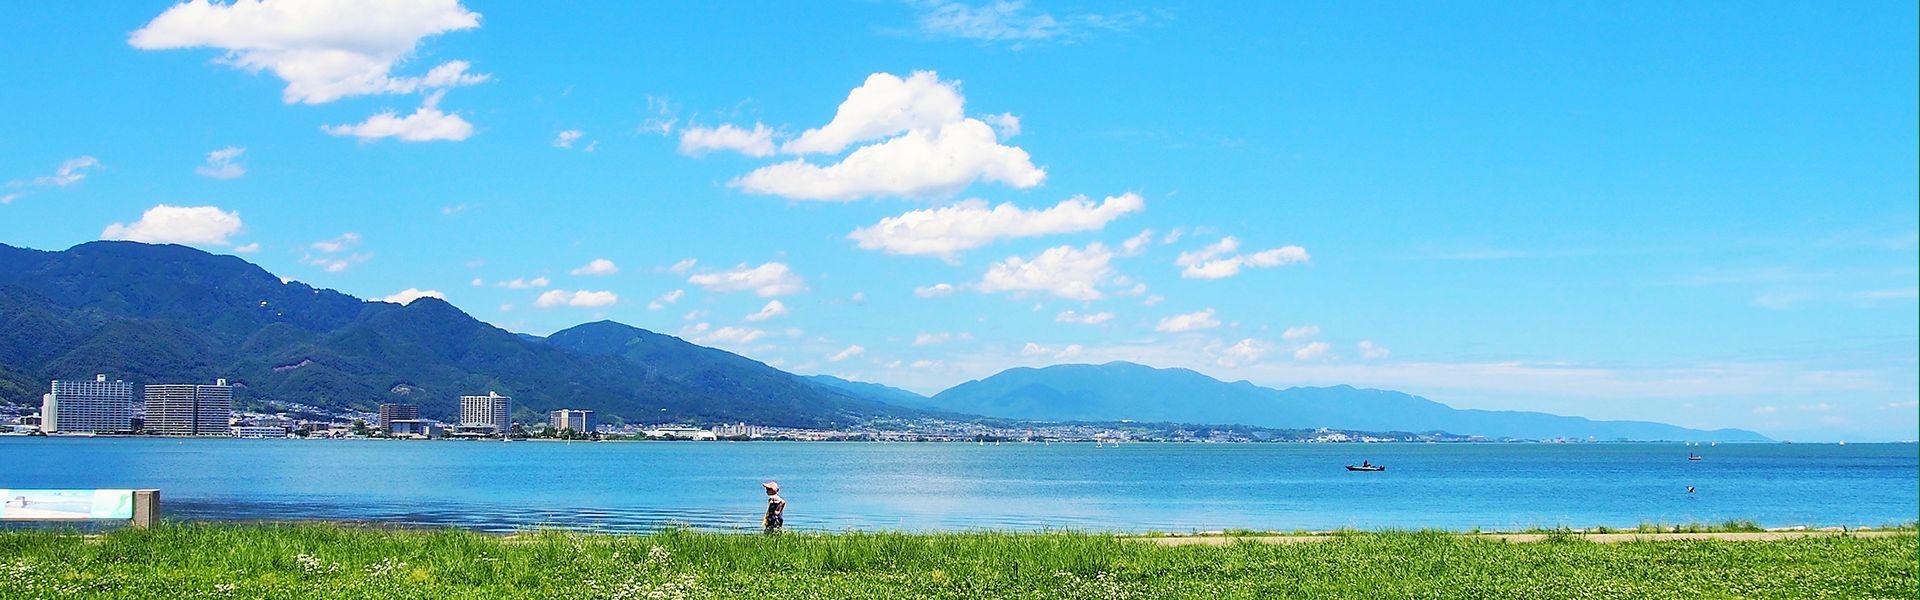 滋賀県の琵琶湖の様子